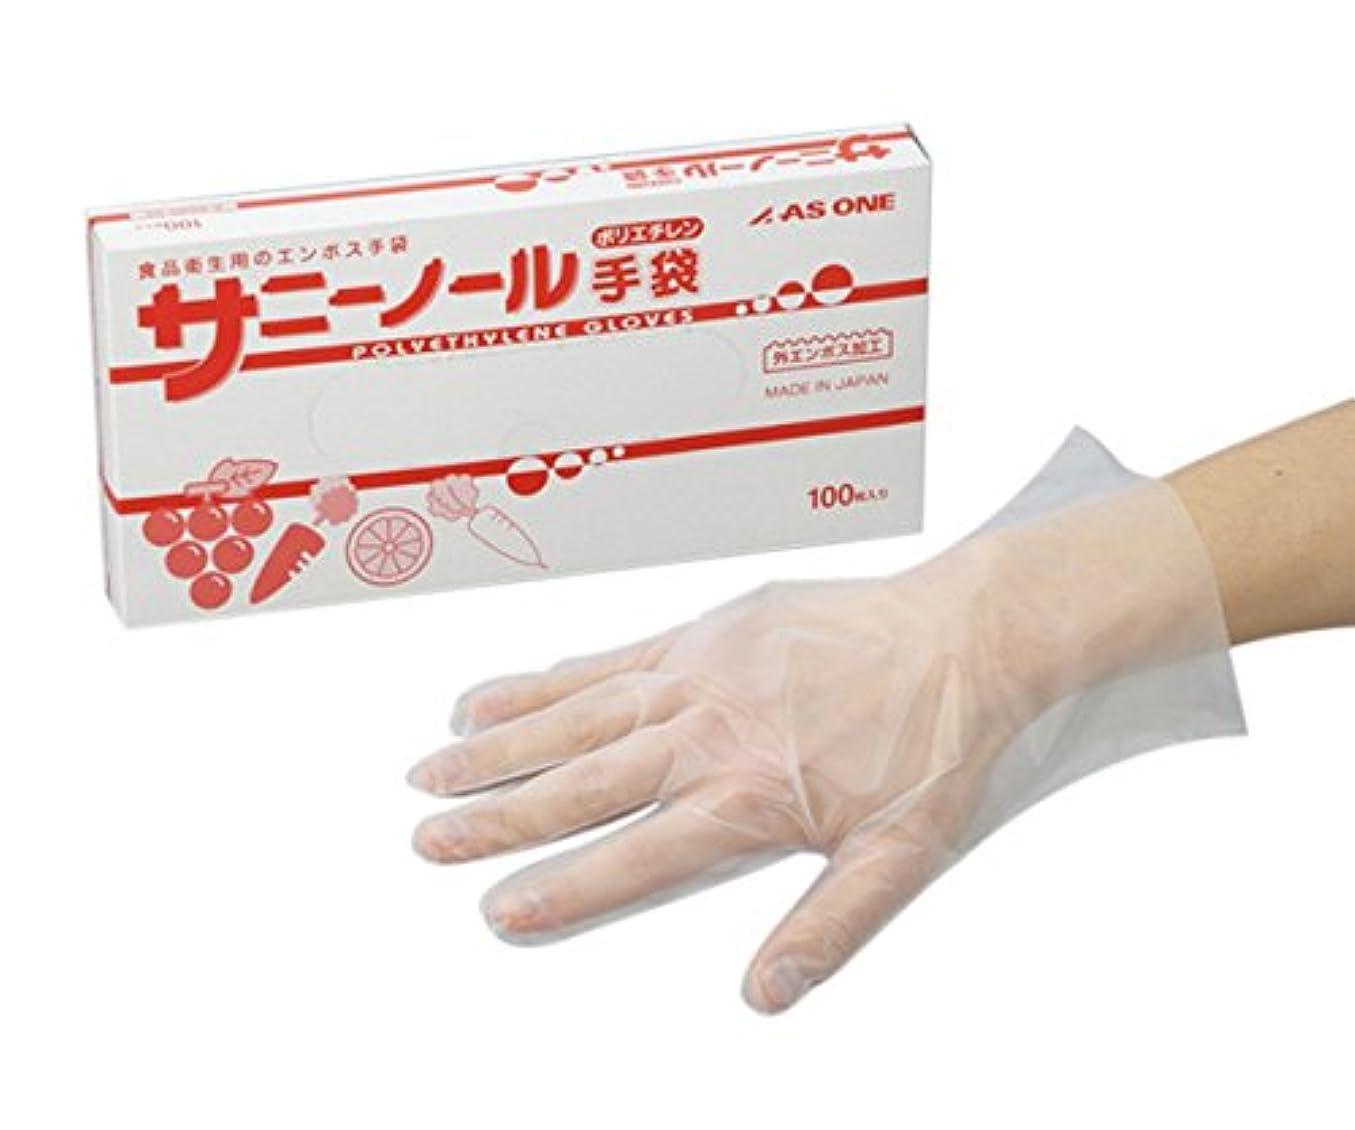 アズワン サニーノール手袋 ポリエチレン